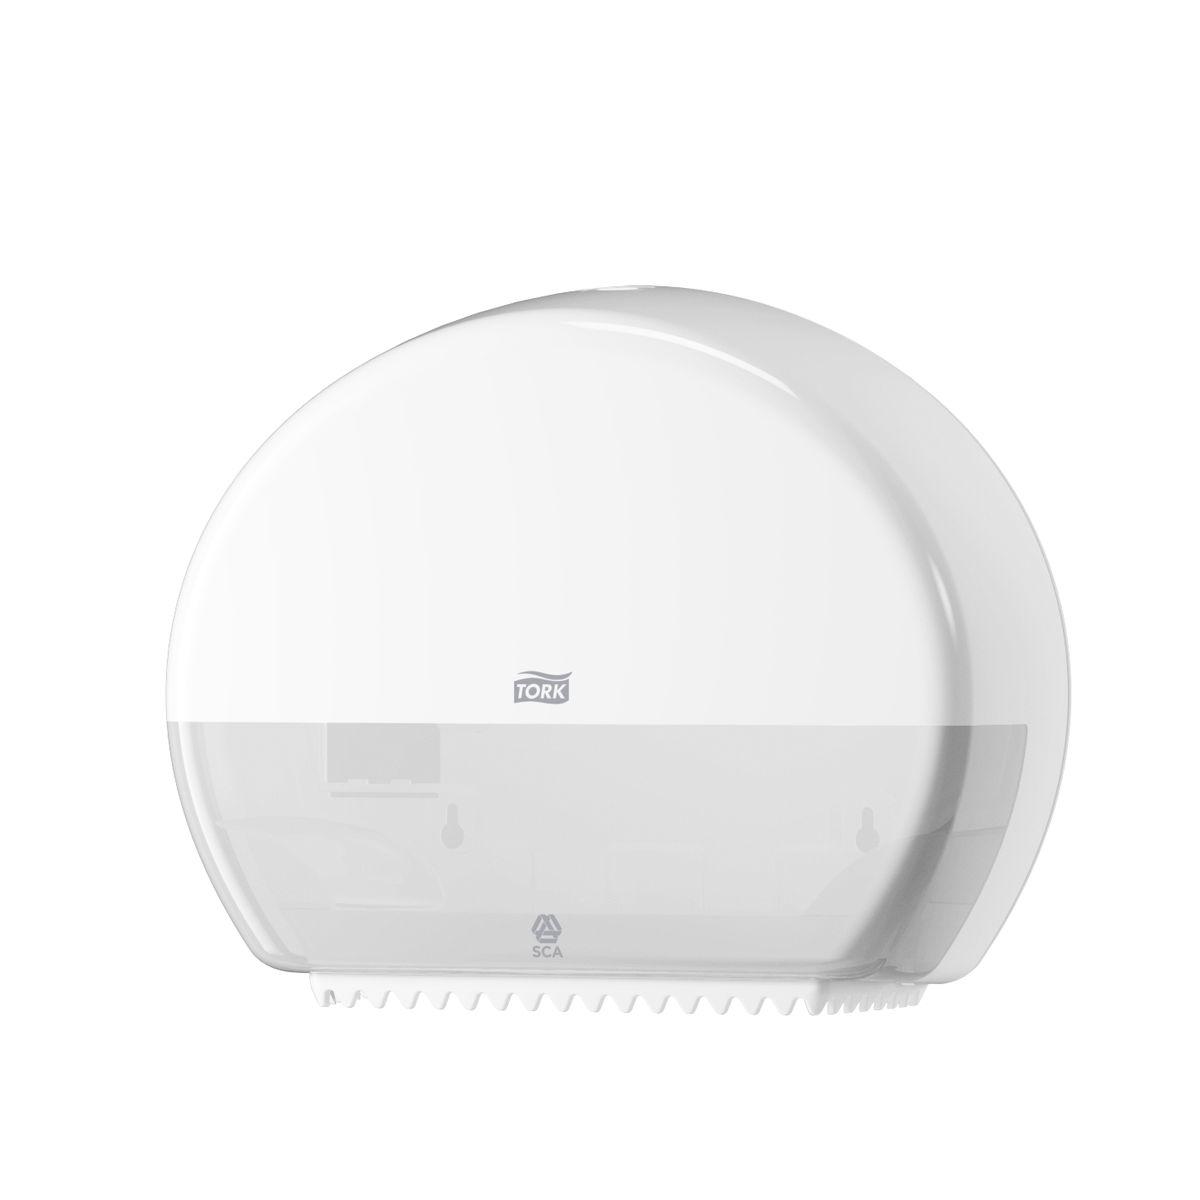 Диспенсер для туалетной бумаги Tork, цвет: белый. 555000555000Диспенсер для туалетной бумаги Tork с системой T2 предназначен для туалетной бумаги в мини рулонах.Держатель изготовлен из ударопрочного пластика белого цвета. Он предназначен для туалетных комнат средней и высокой проходимости. Вмещает 2 мини-рулона туалетной бумаги Tork Т2. Функция Stub Roll позволяет сэкономить до 35 м бумаги.Диспенсер очень компактный, емкость до 200 м. Вмещает запасной рулон. Снабжен специальными зубчиками, которые подходят для отрыва полотна как с перфорацией, так и без нее.Открывается двумя альтернативными способами: ключом и кнопкой.